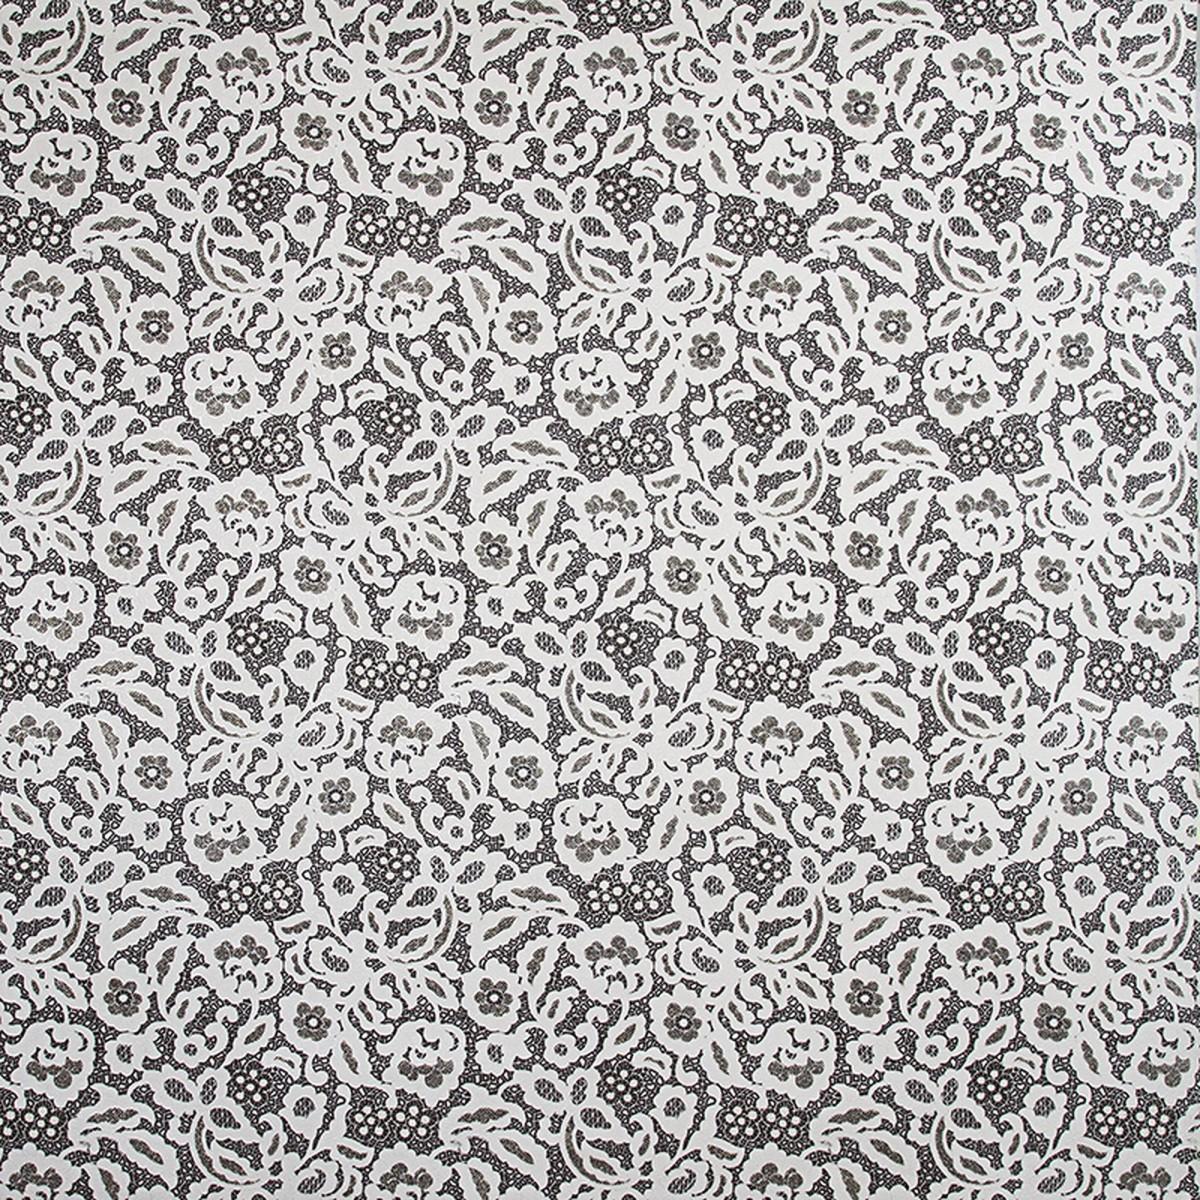 Обои флизелиновые 1.06х10 м кружево цвет черно-белый ER 3592-13